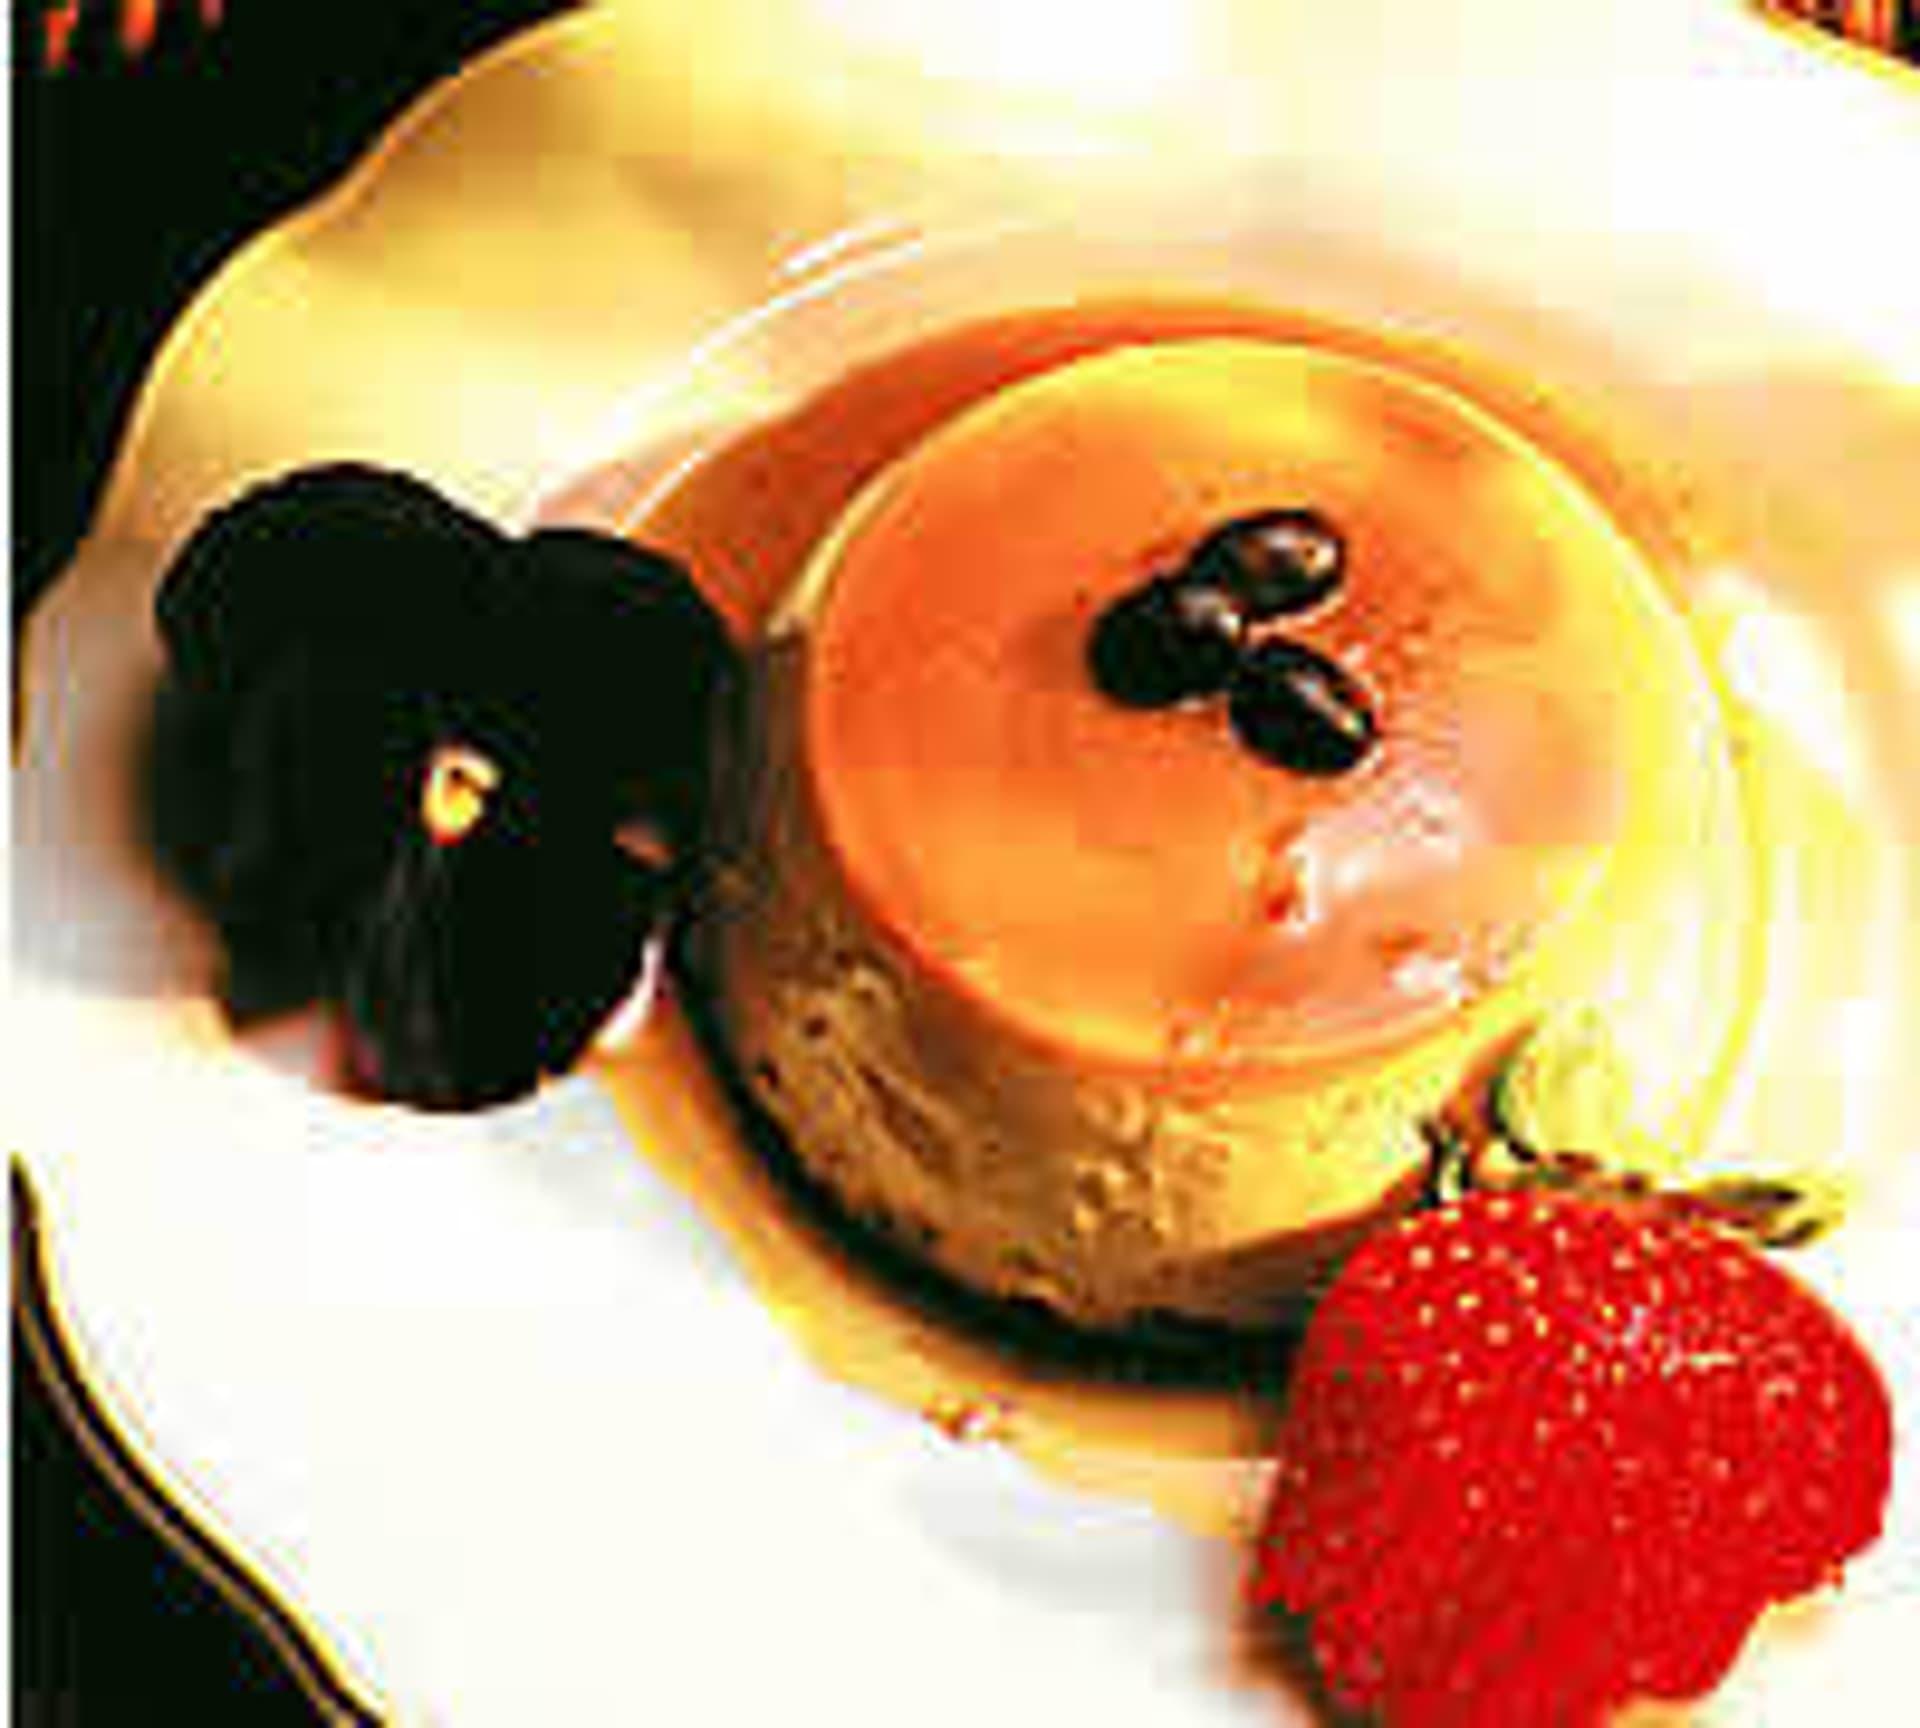 Panna-cotte auf einem weißen Teller, dekoriert mit einer Blüte und einer Erdbeere.